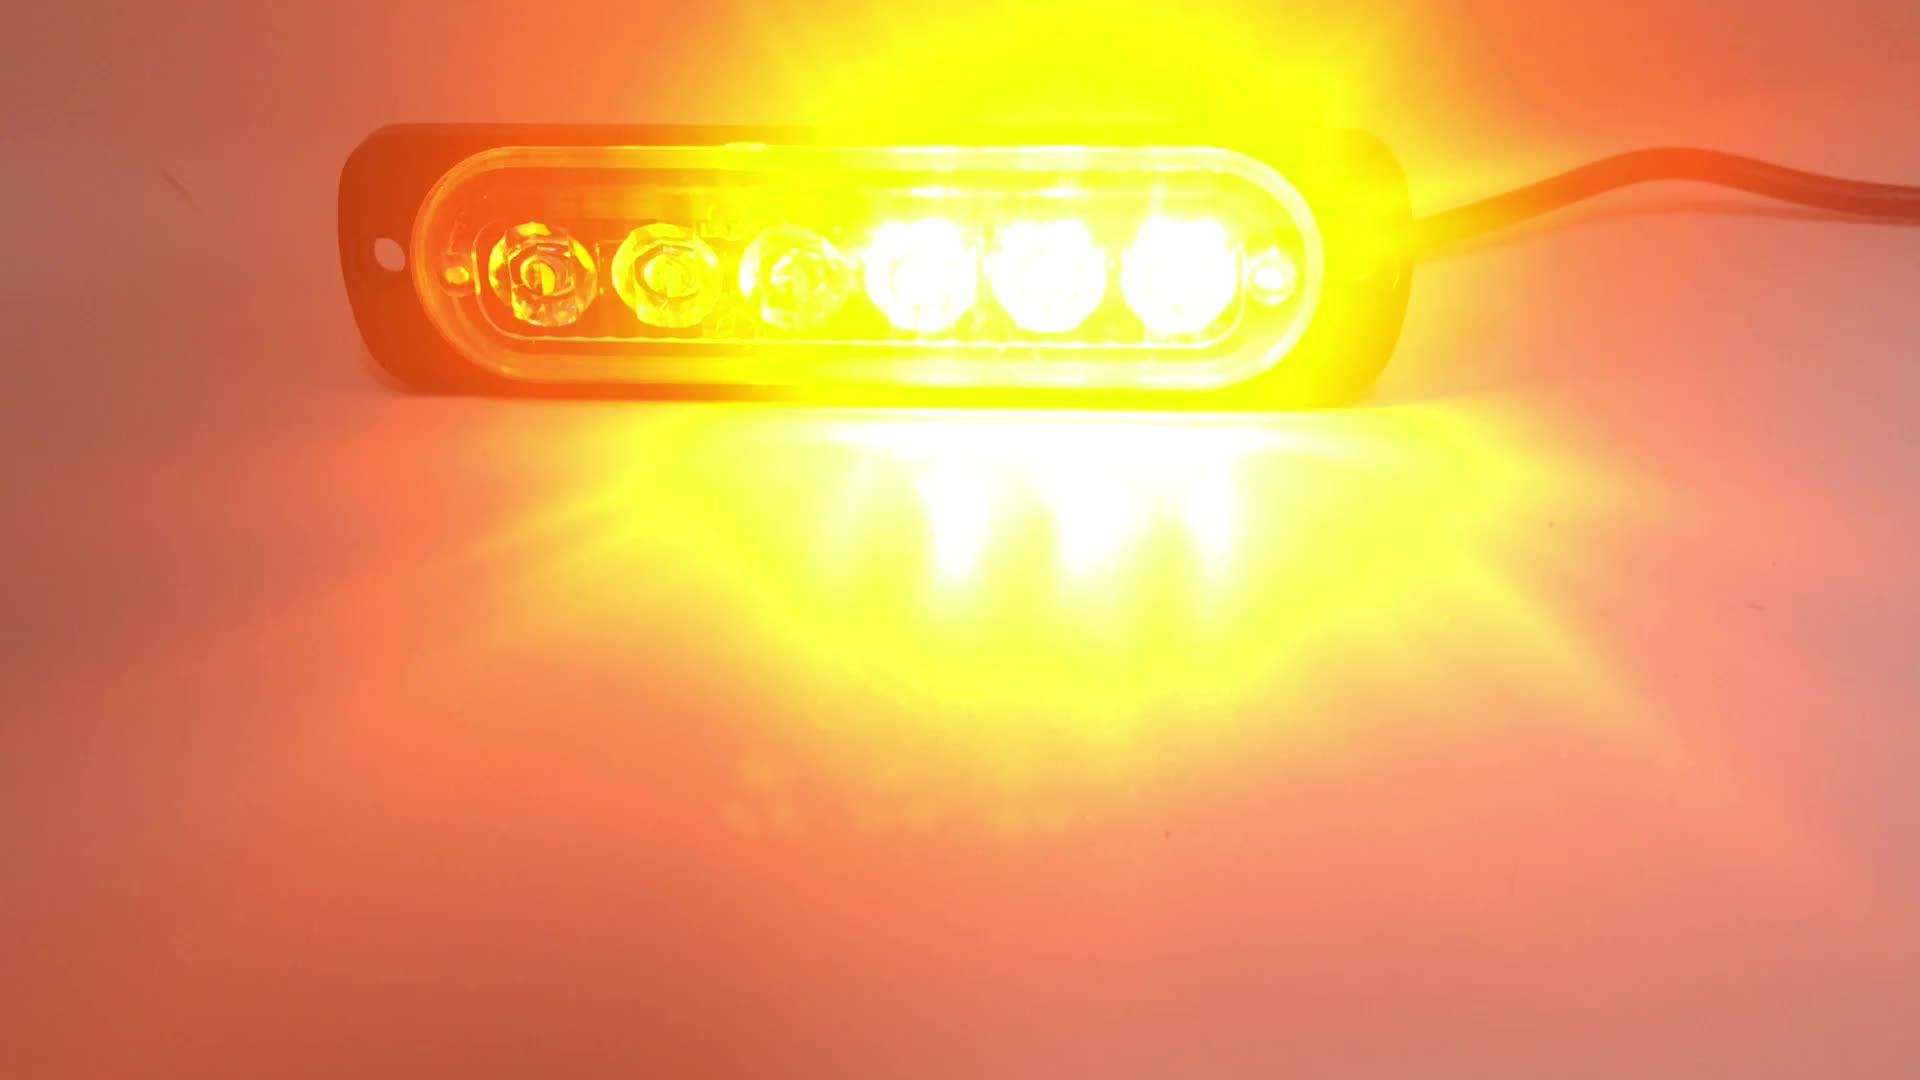 Đèn Cảnh Báo An Toàn 12V 24V Đèn Gắn Trên Bề Mặt 6LED Siêu Mỏng Đèn LED Nhấp Nháy Mini Cho Xe Tải